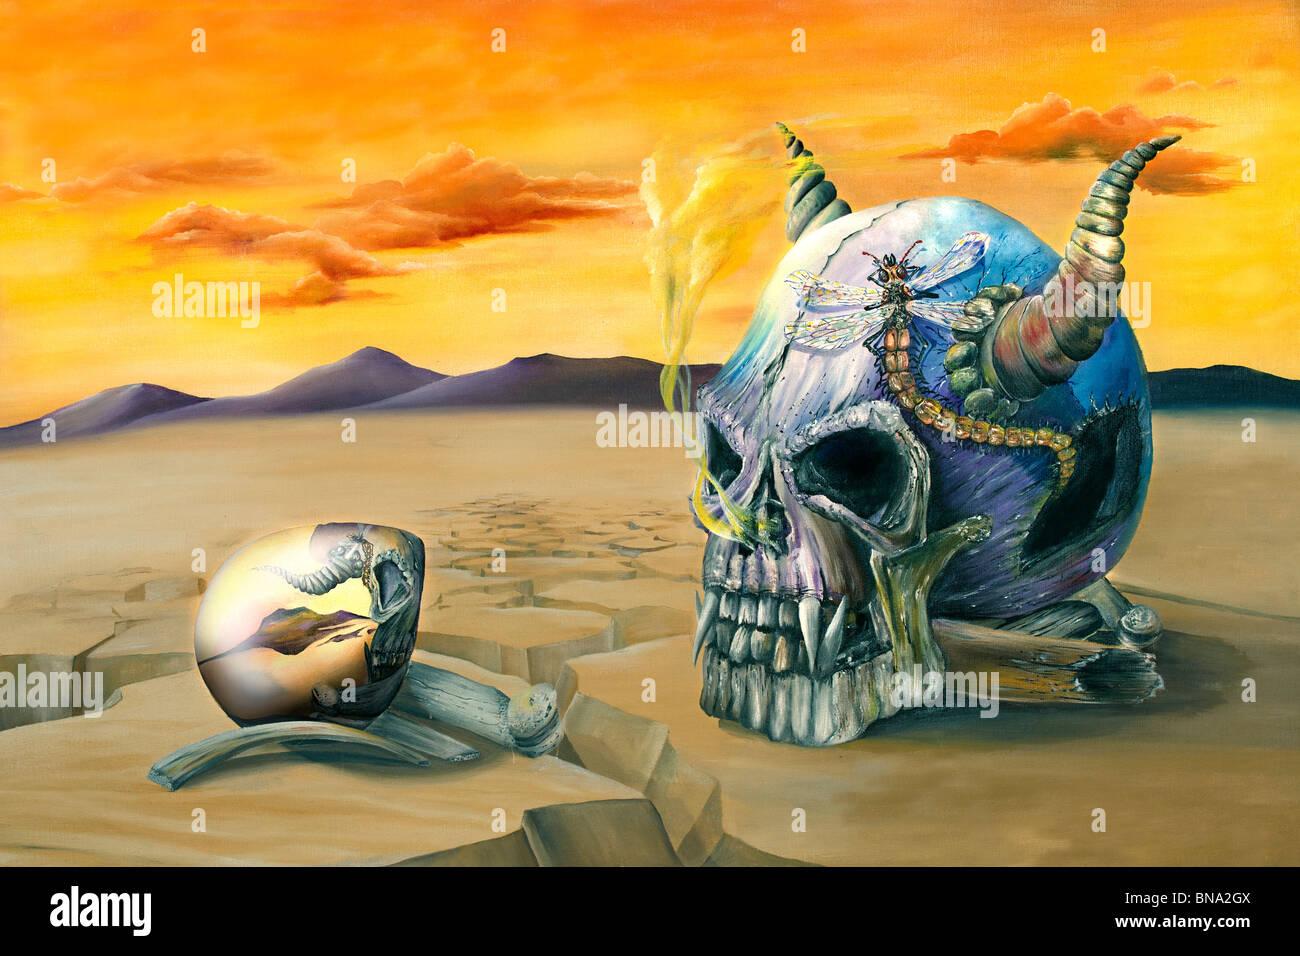 Oil painting of an egg reflecting an evil skull in a barren desert - Stock Image